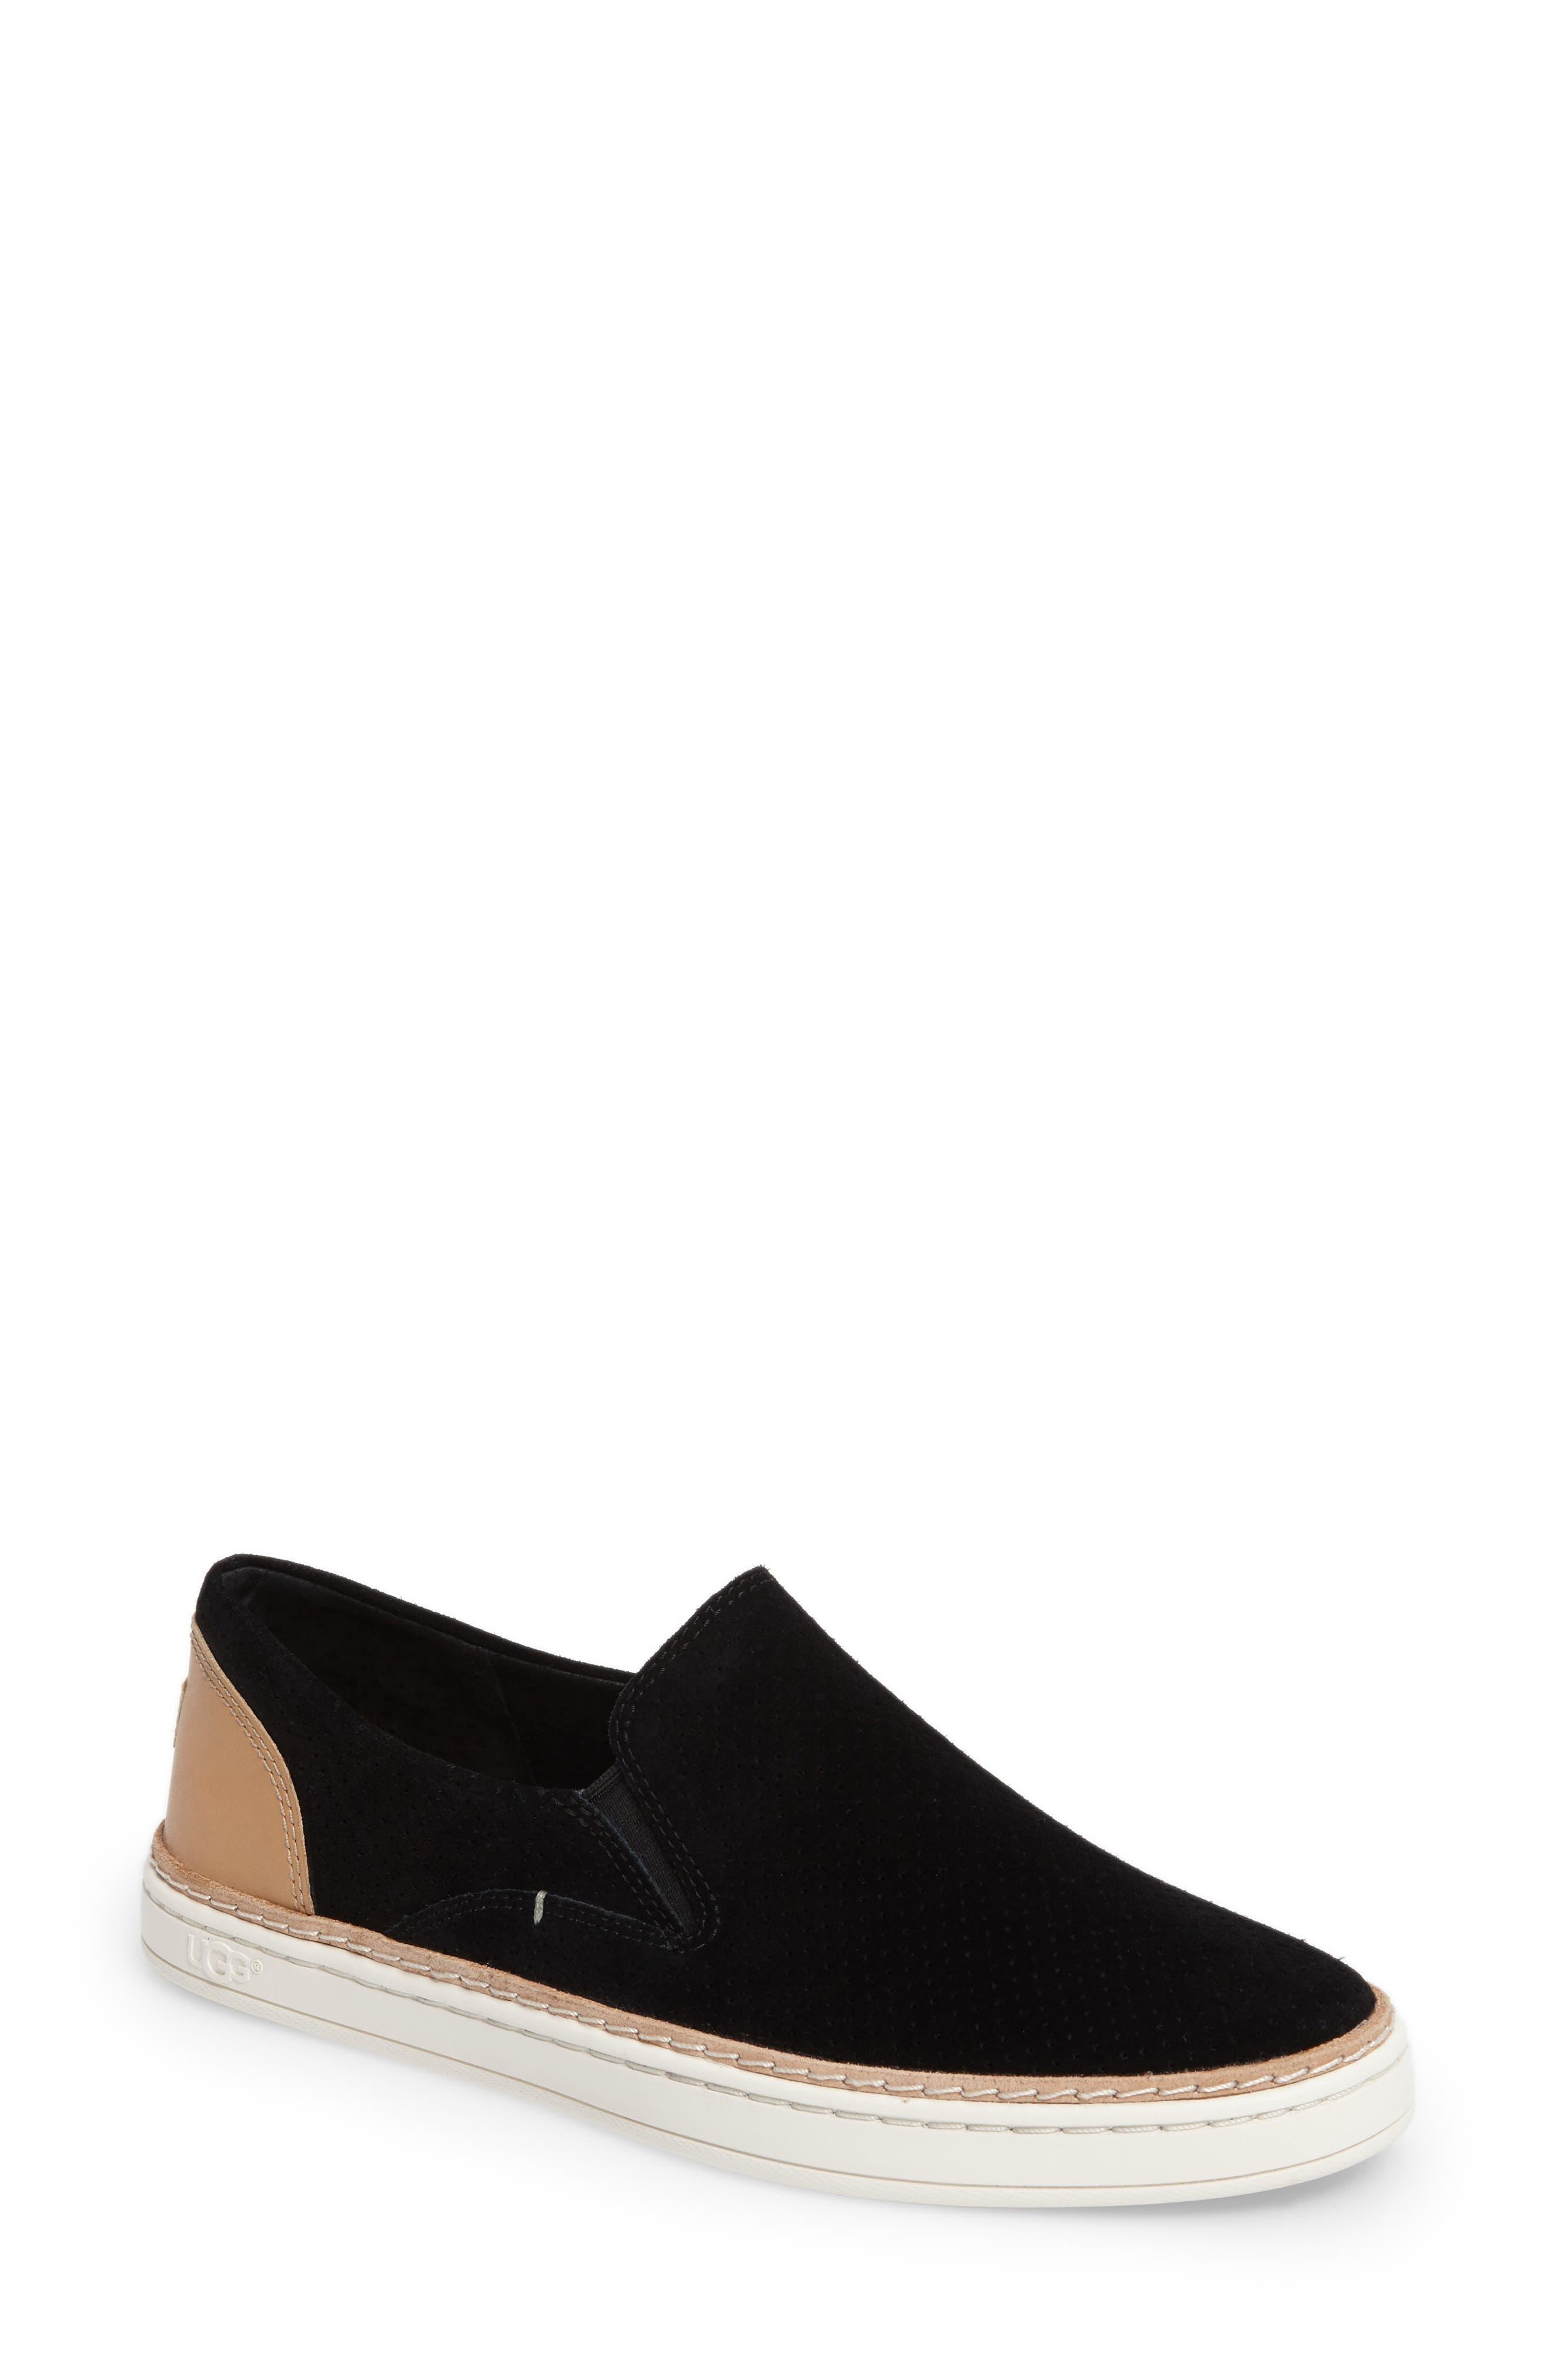 Main Image - UGG® Adley Slip-On Sneaker (Women)